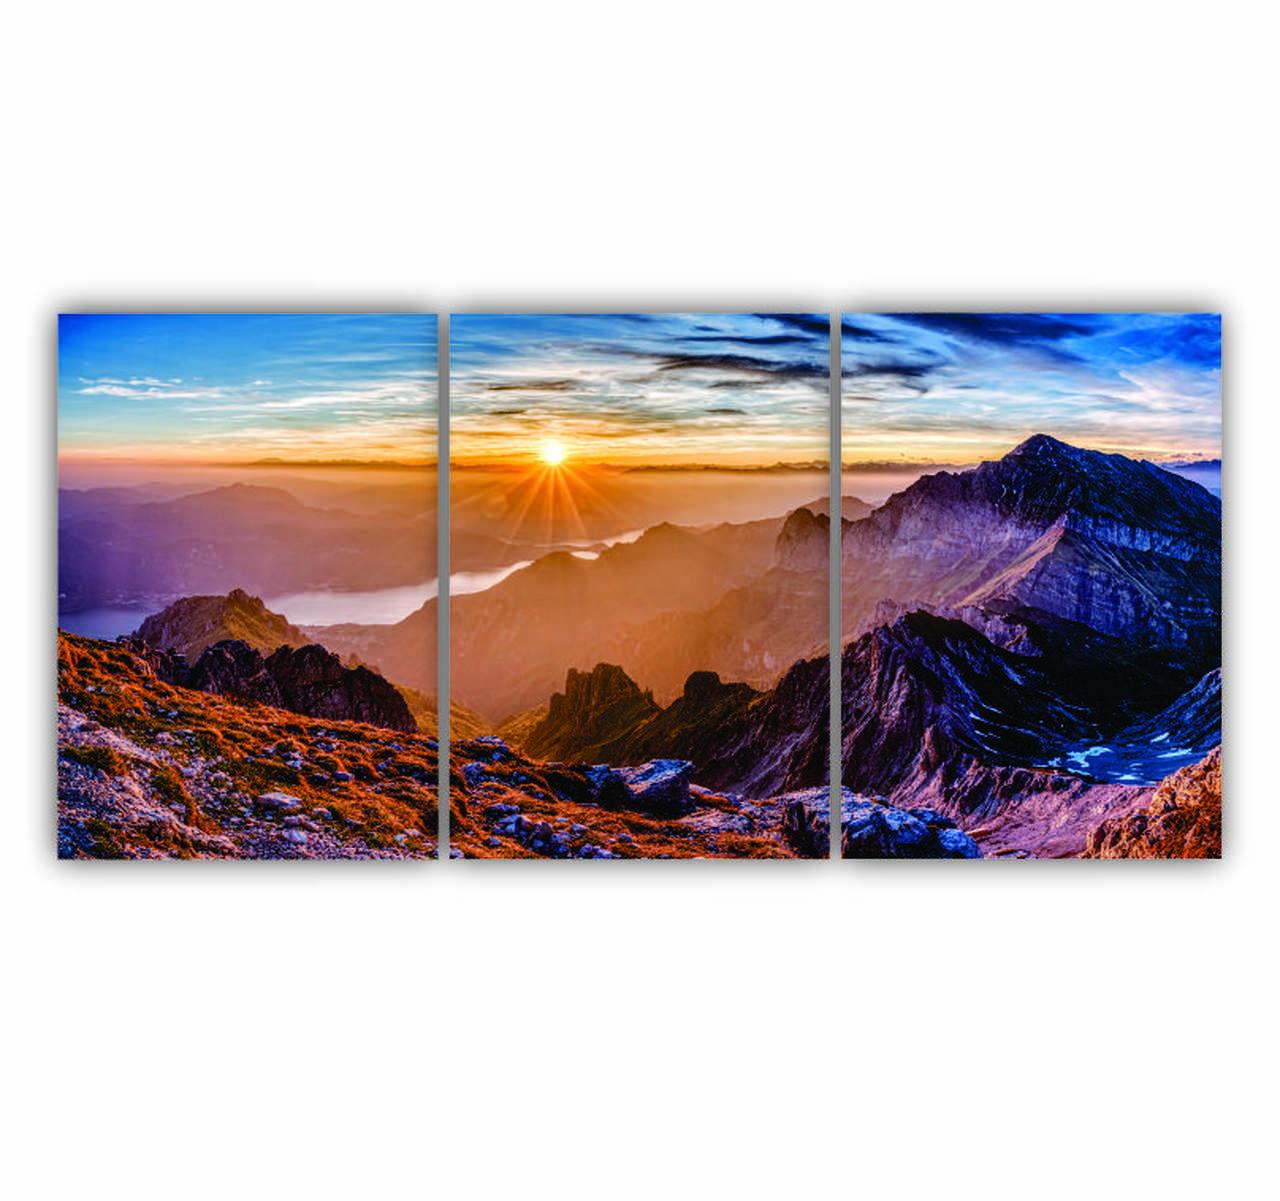 Quadro Paisagem Montanha Ensolarada - Kit 3 telas